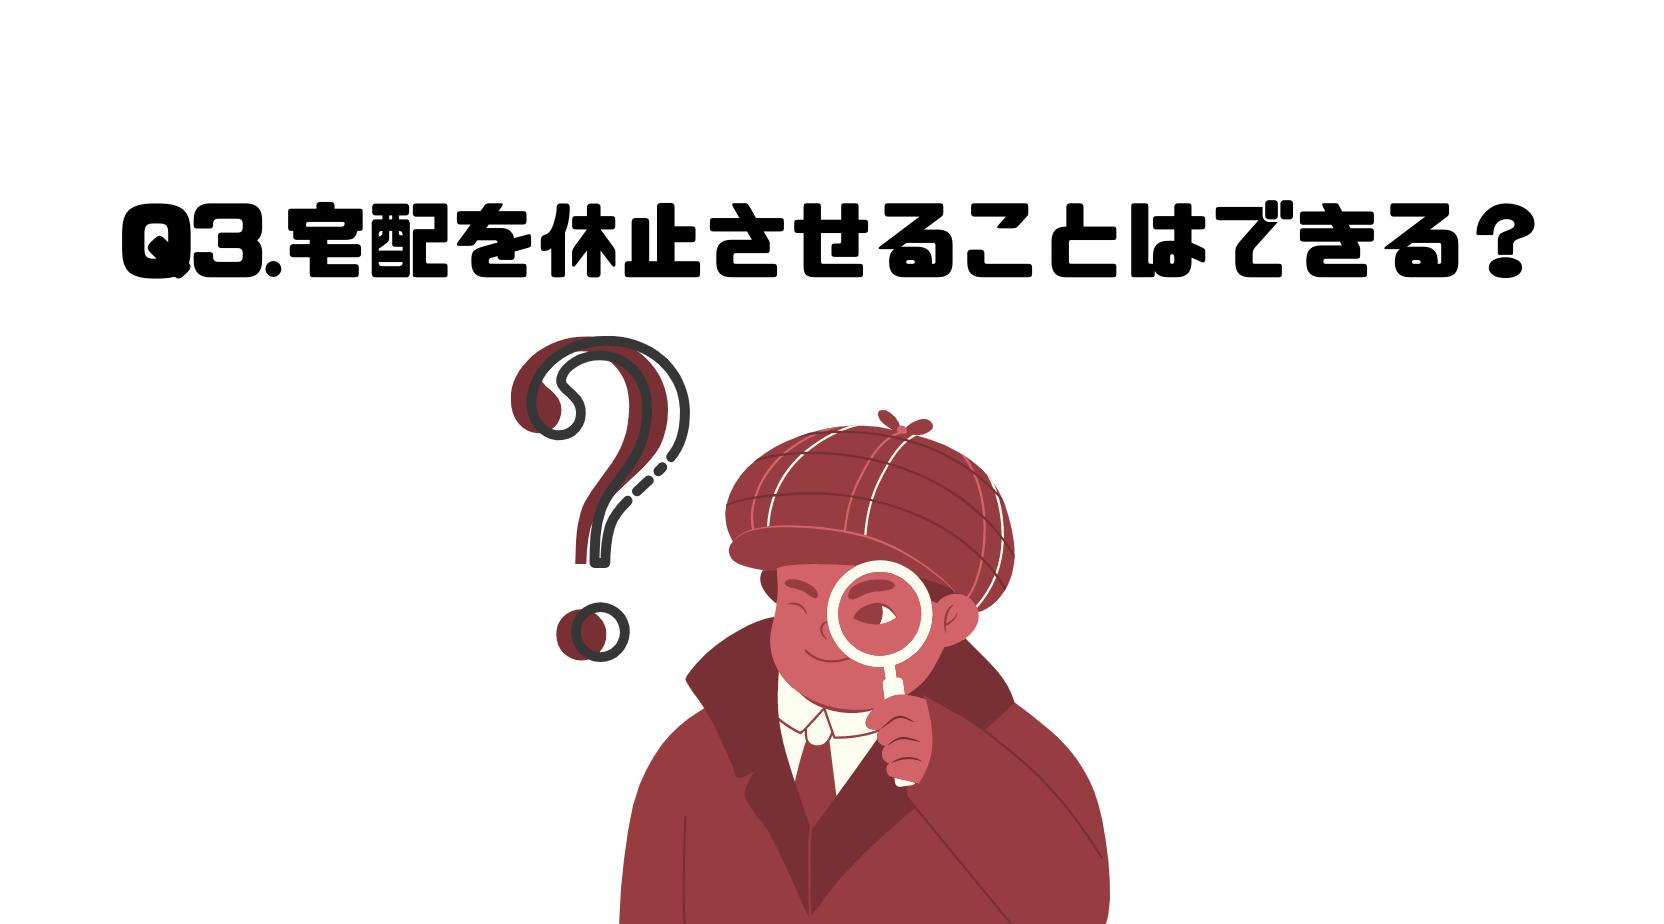 ビオマルシェ_評判_口コミ_よくある質問_宅配_休止